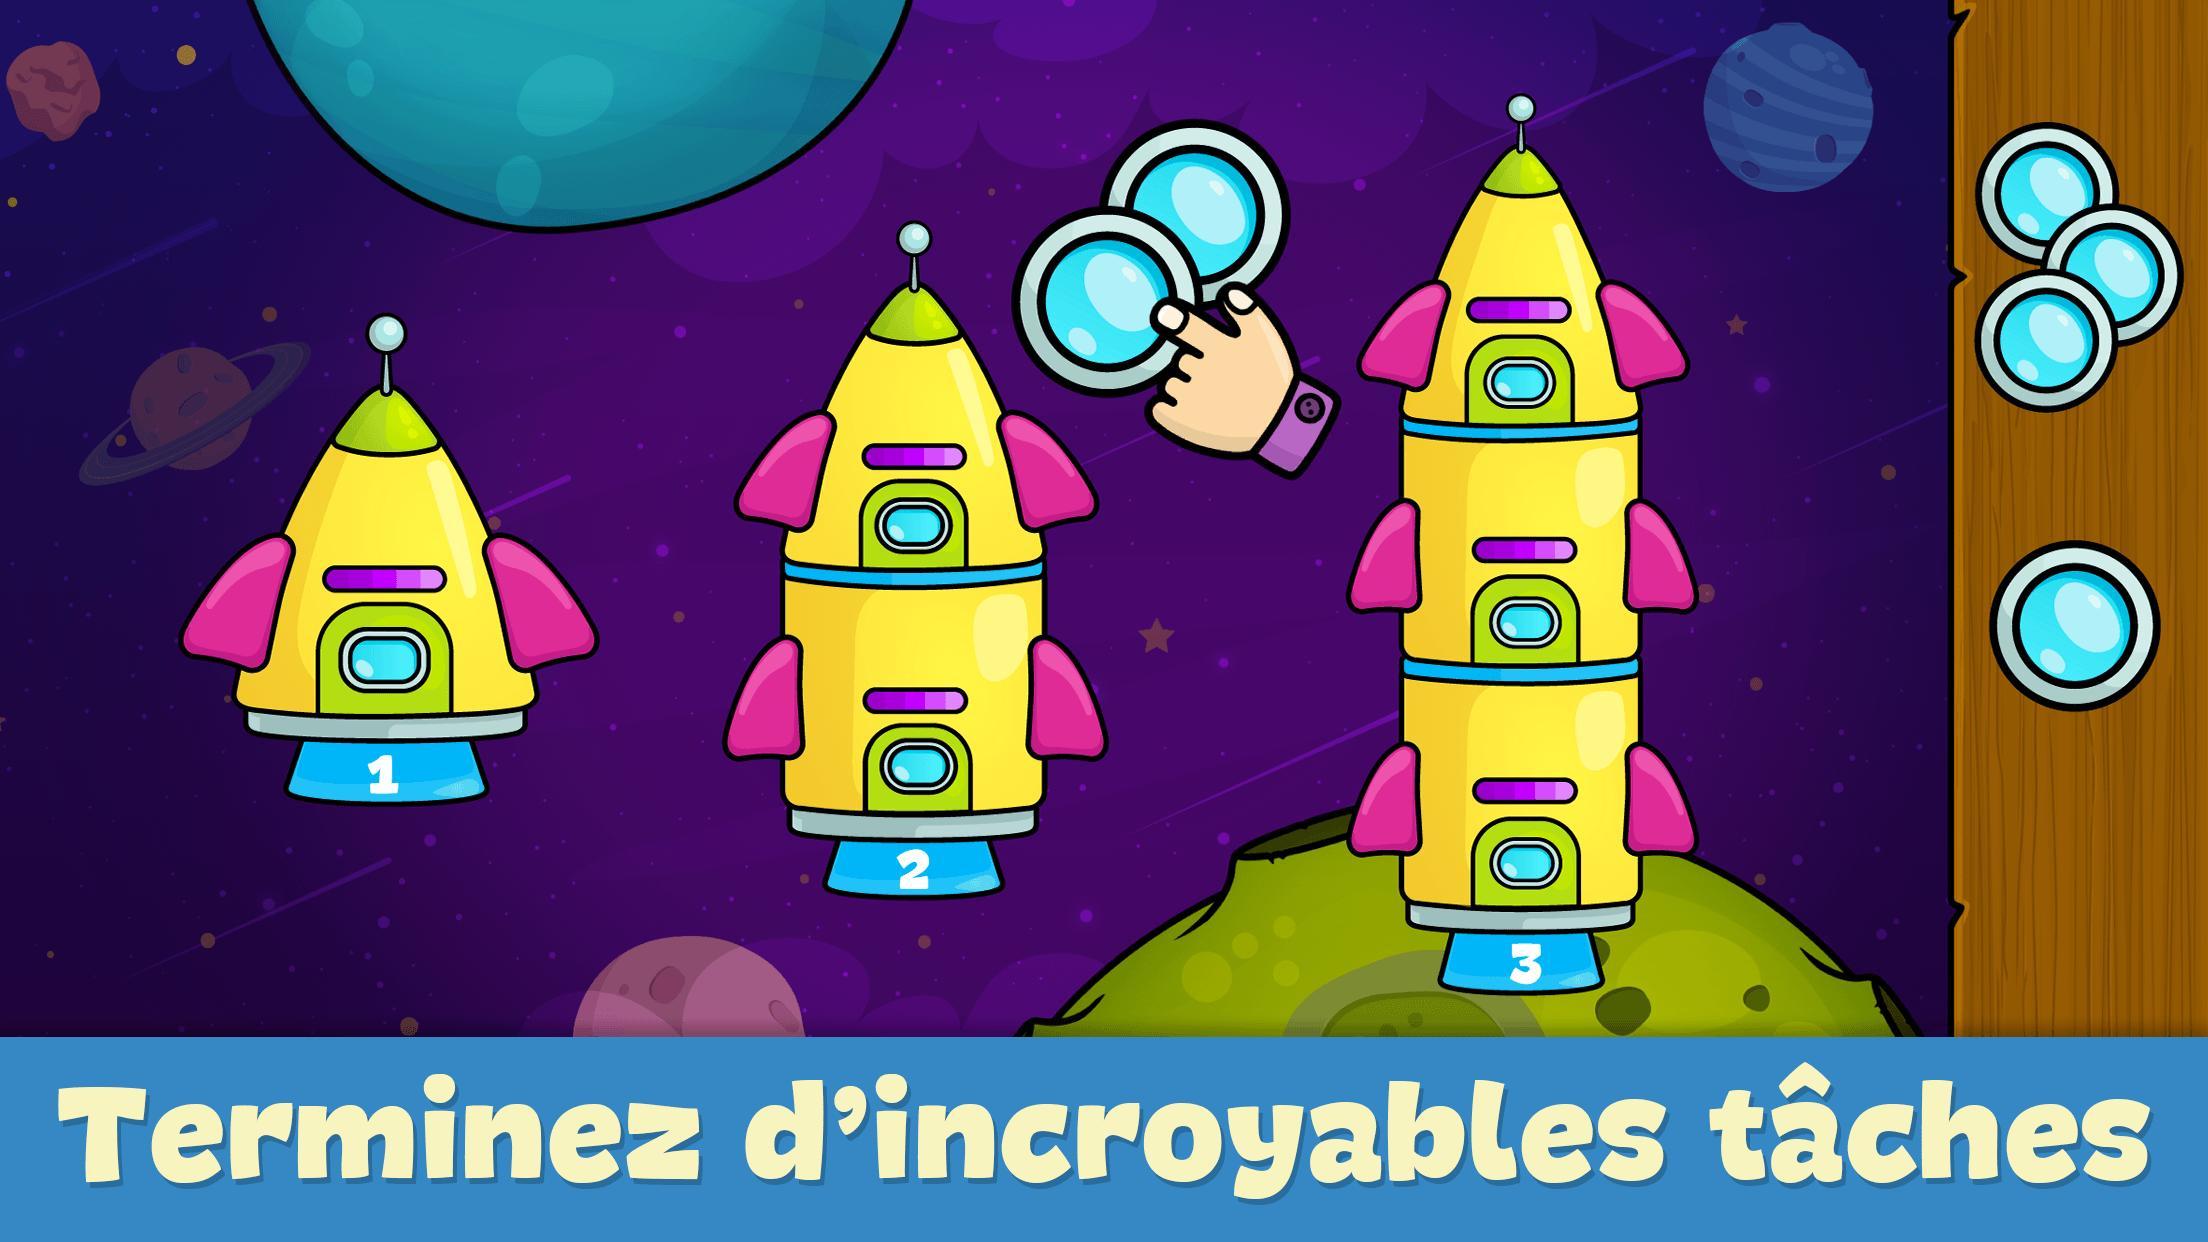 Jeux Pour Enfants 2 - 5 Ans Pour Android - Téléchargez L'apk dedans Jeux De Garcon Gratuit 3 Ans